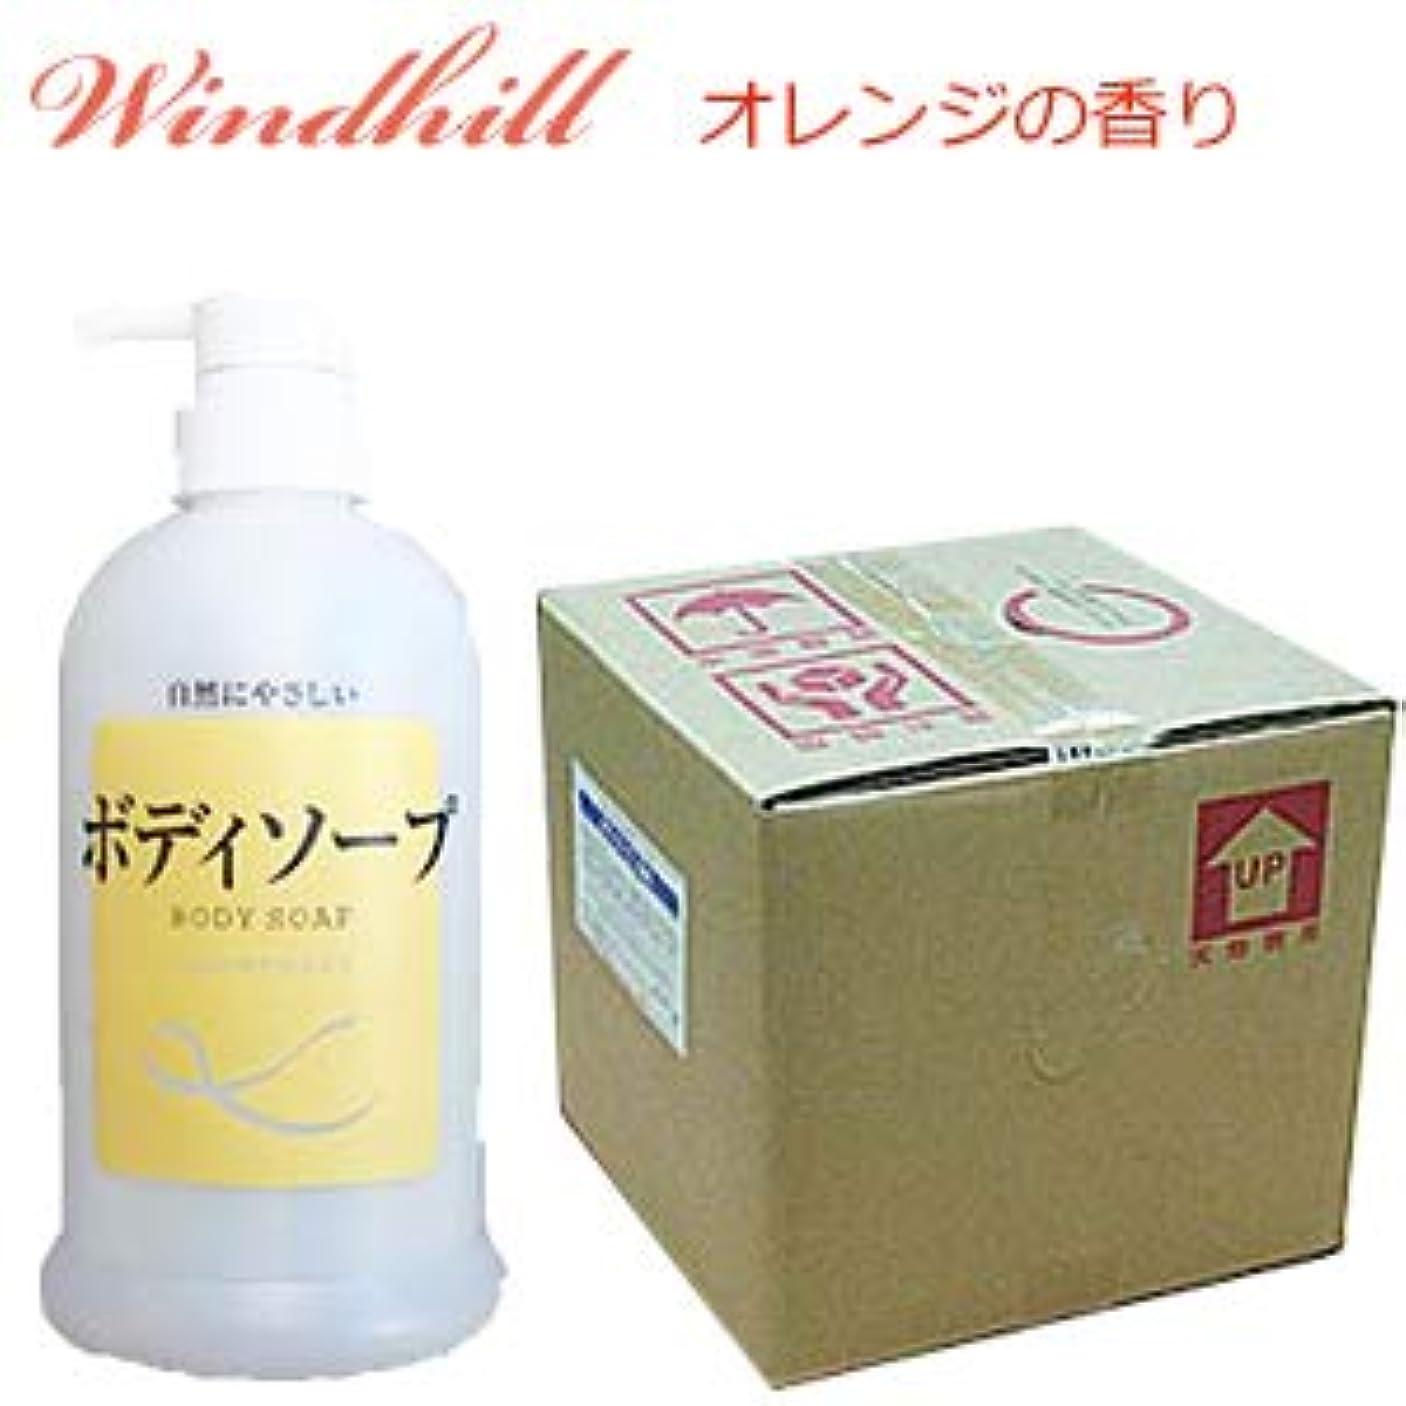 チャンピオンシップ遊びます通貨Windhill 植物性 業務用ボディソープオレンジの香り 20L(1セット20L入)